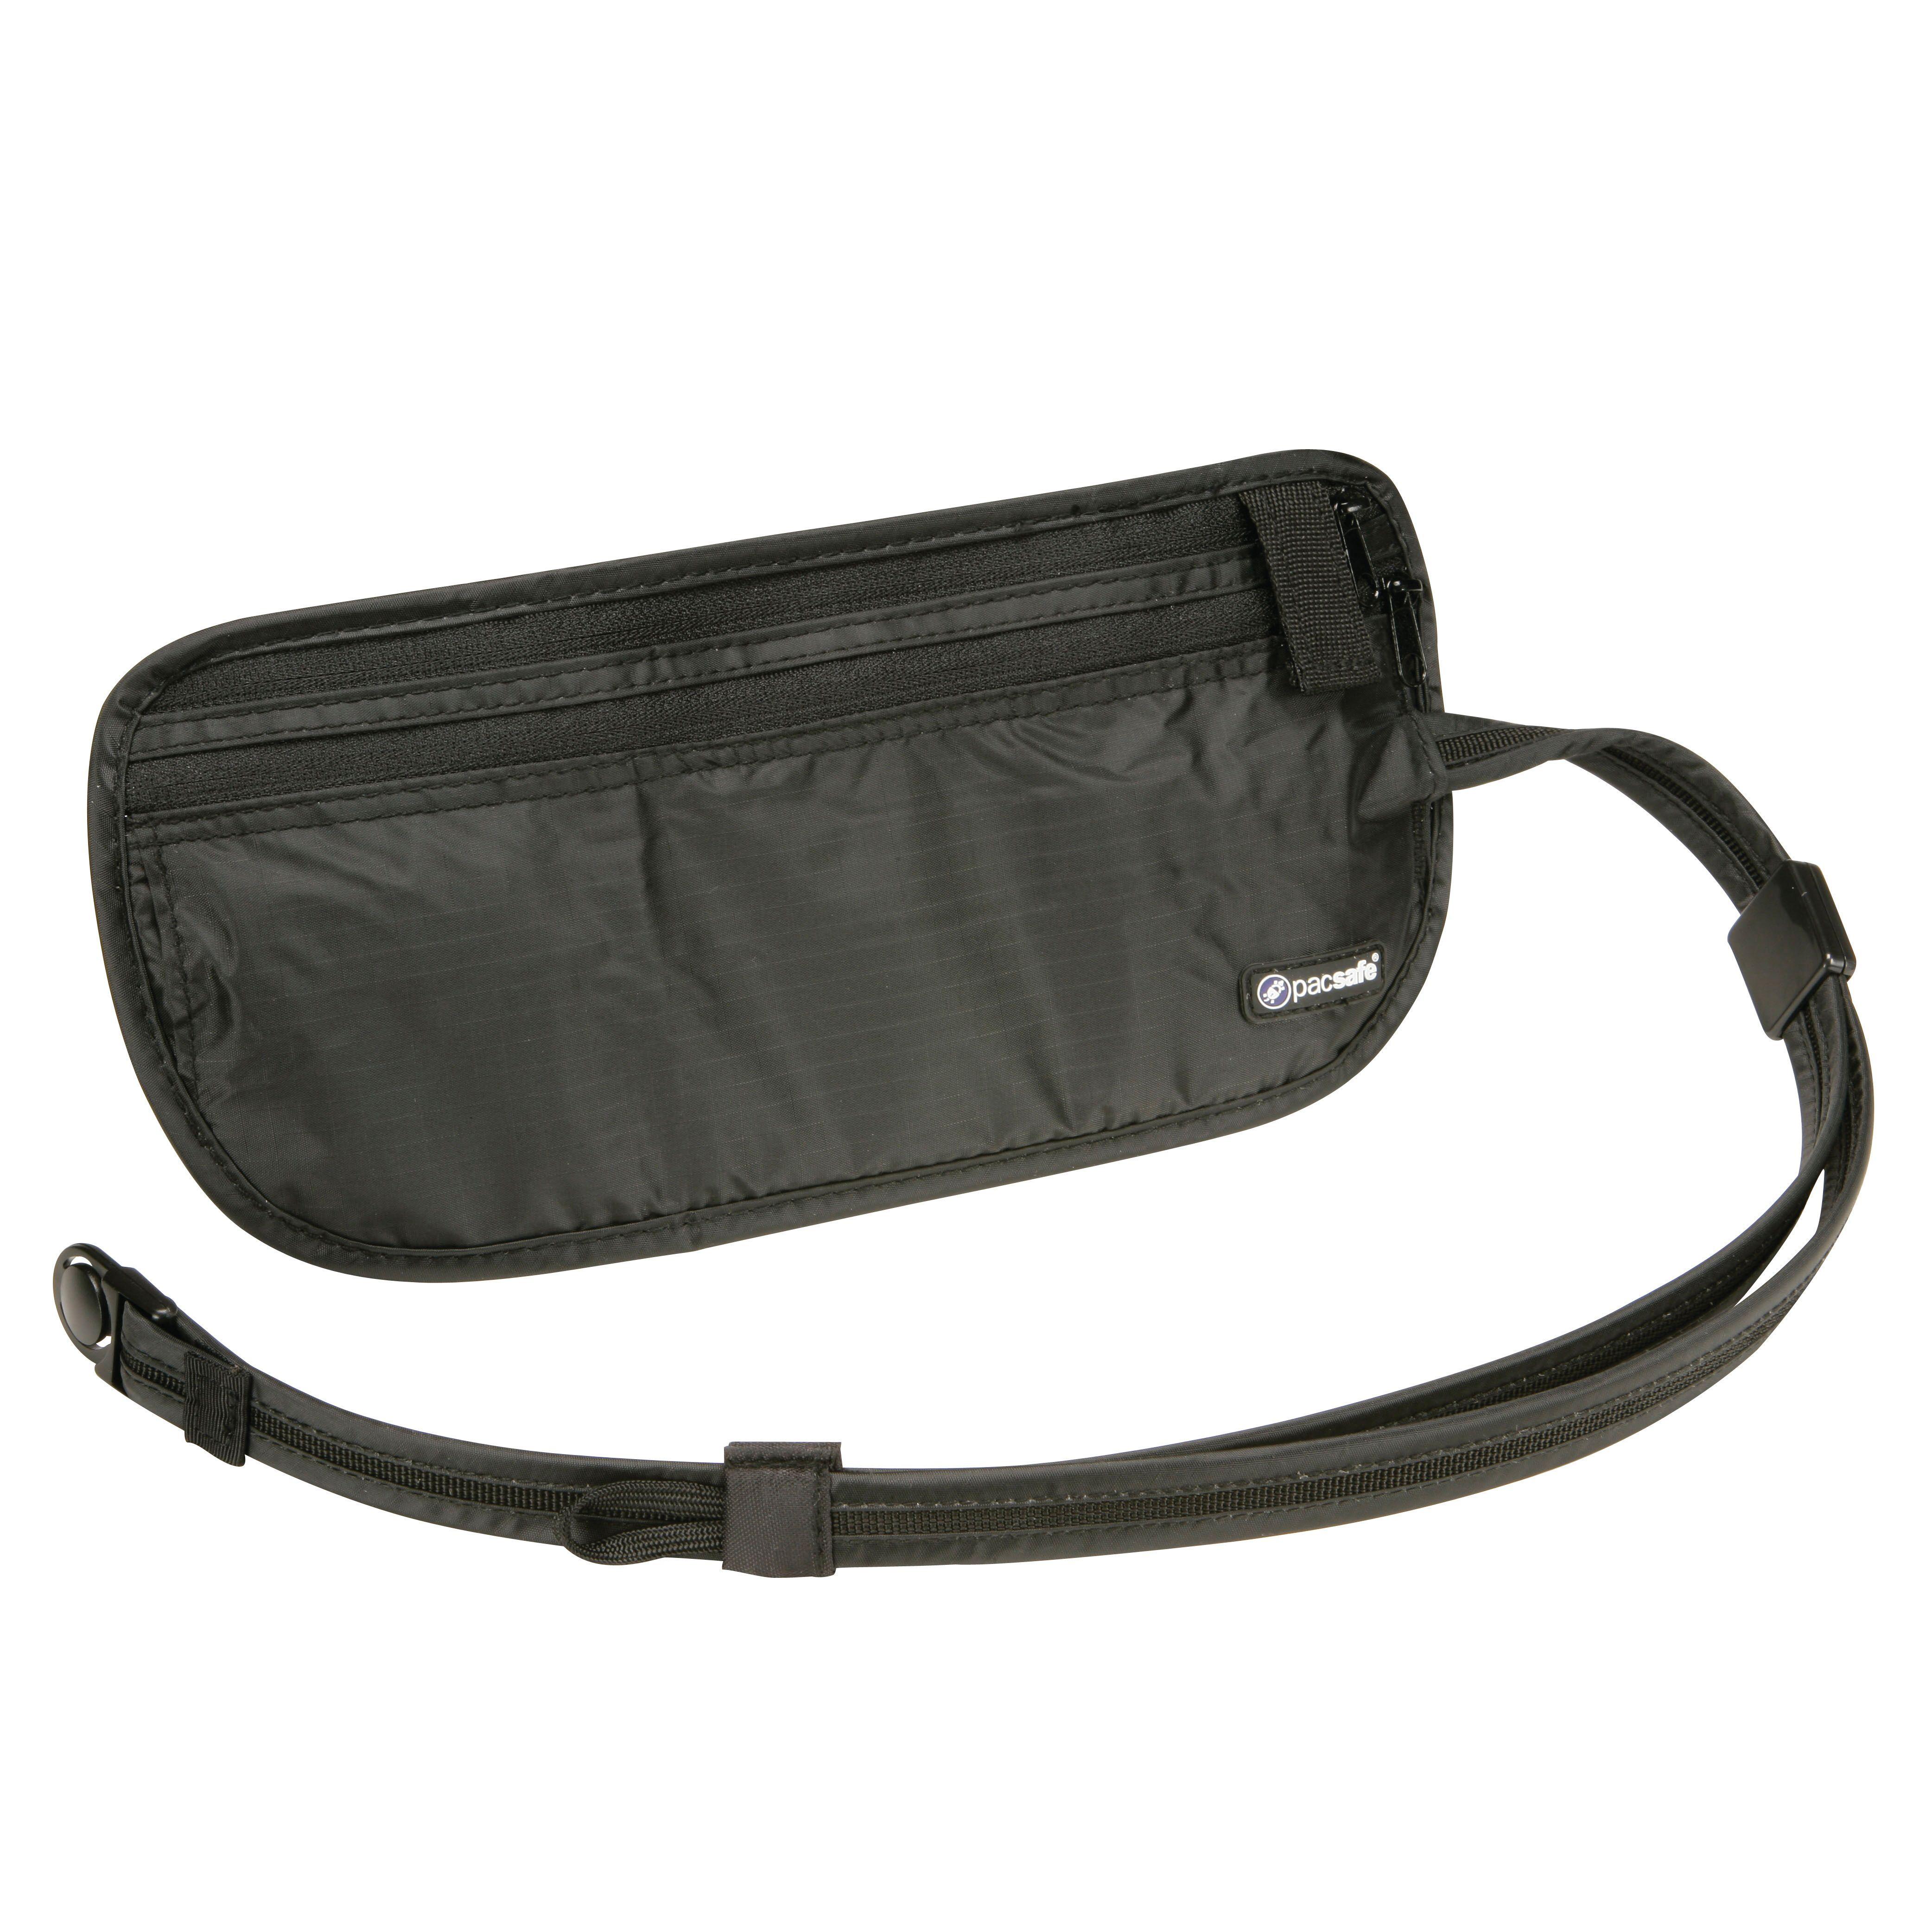 PACSAFE Coversafe Waist Wallet